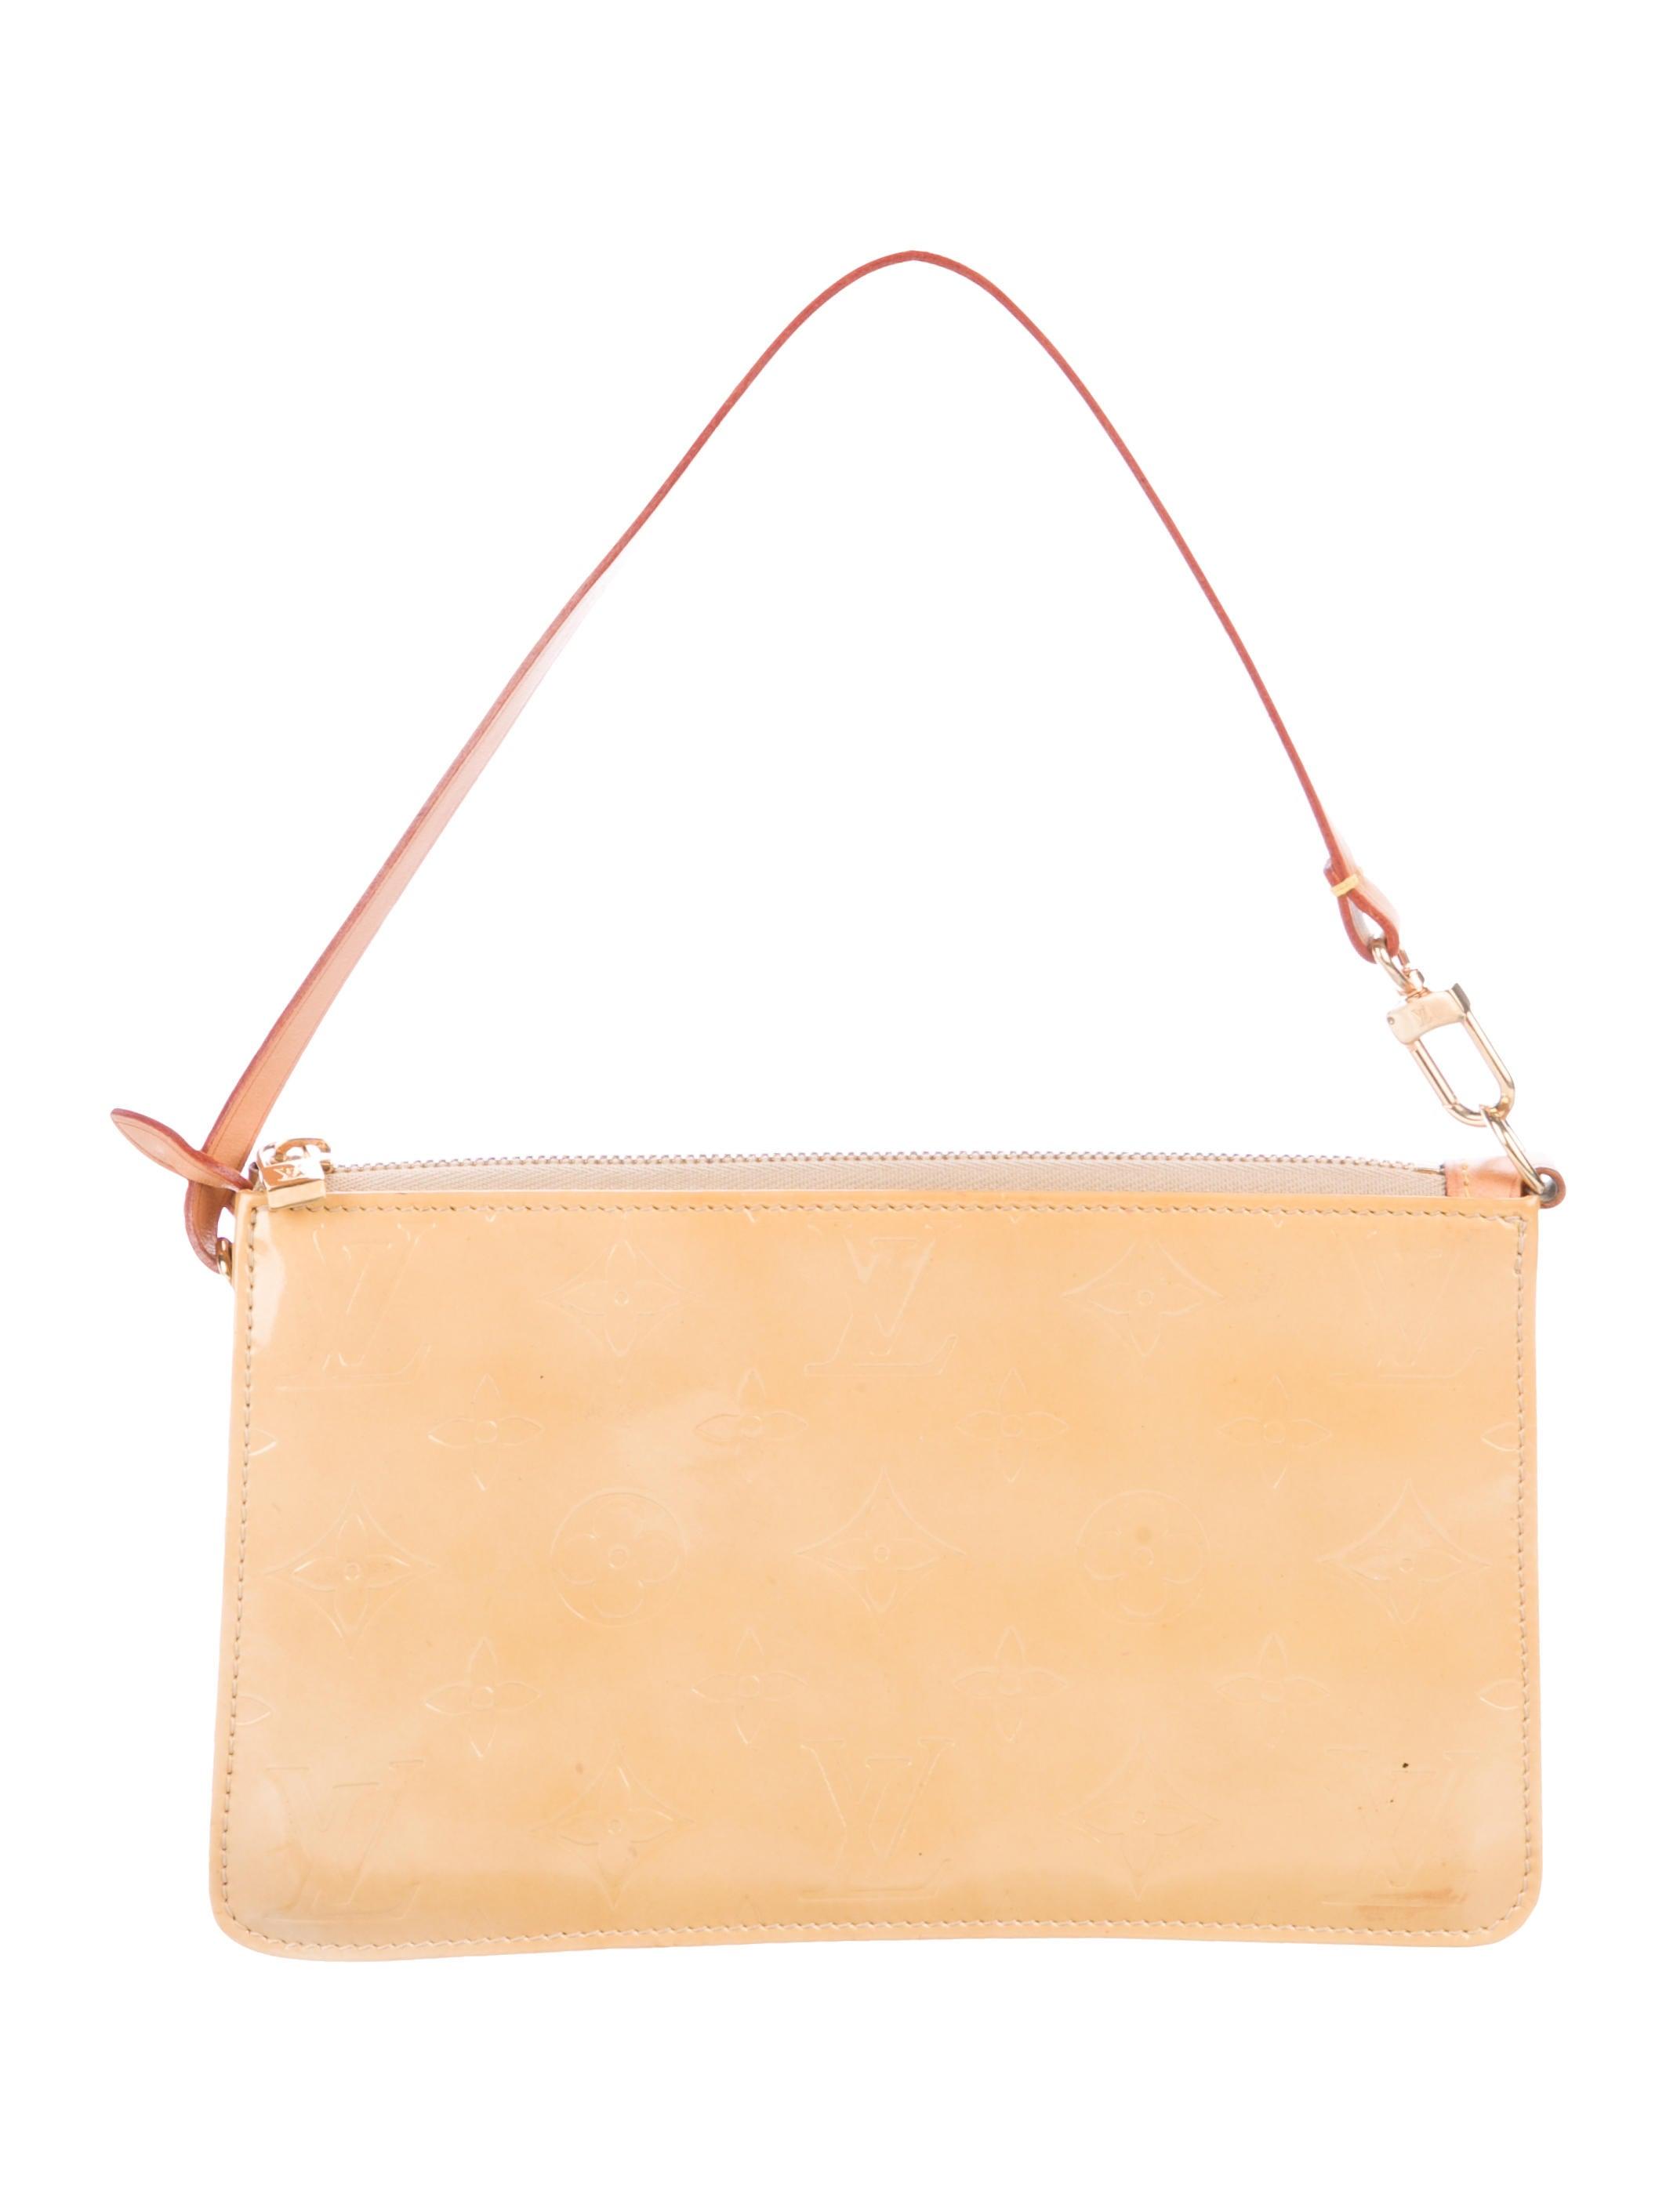 f43fc5b4fd4d7 Louis Vuitton Vernis Lexington Pochette - Handbags - LOU195152